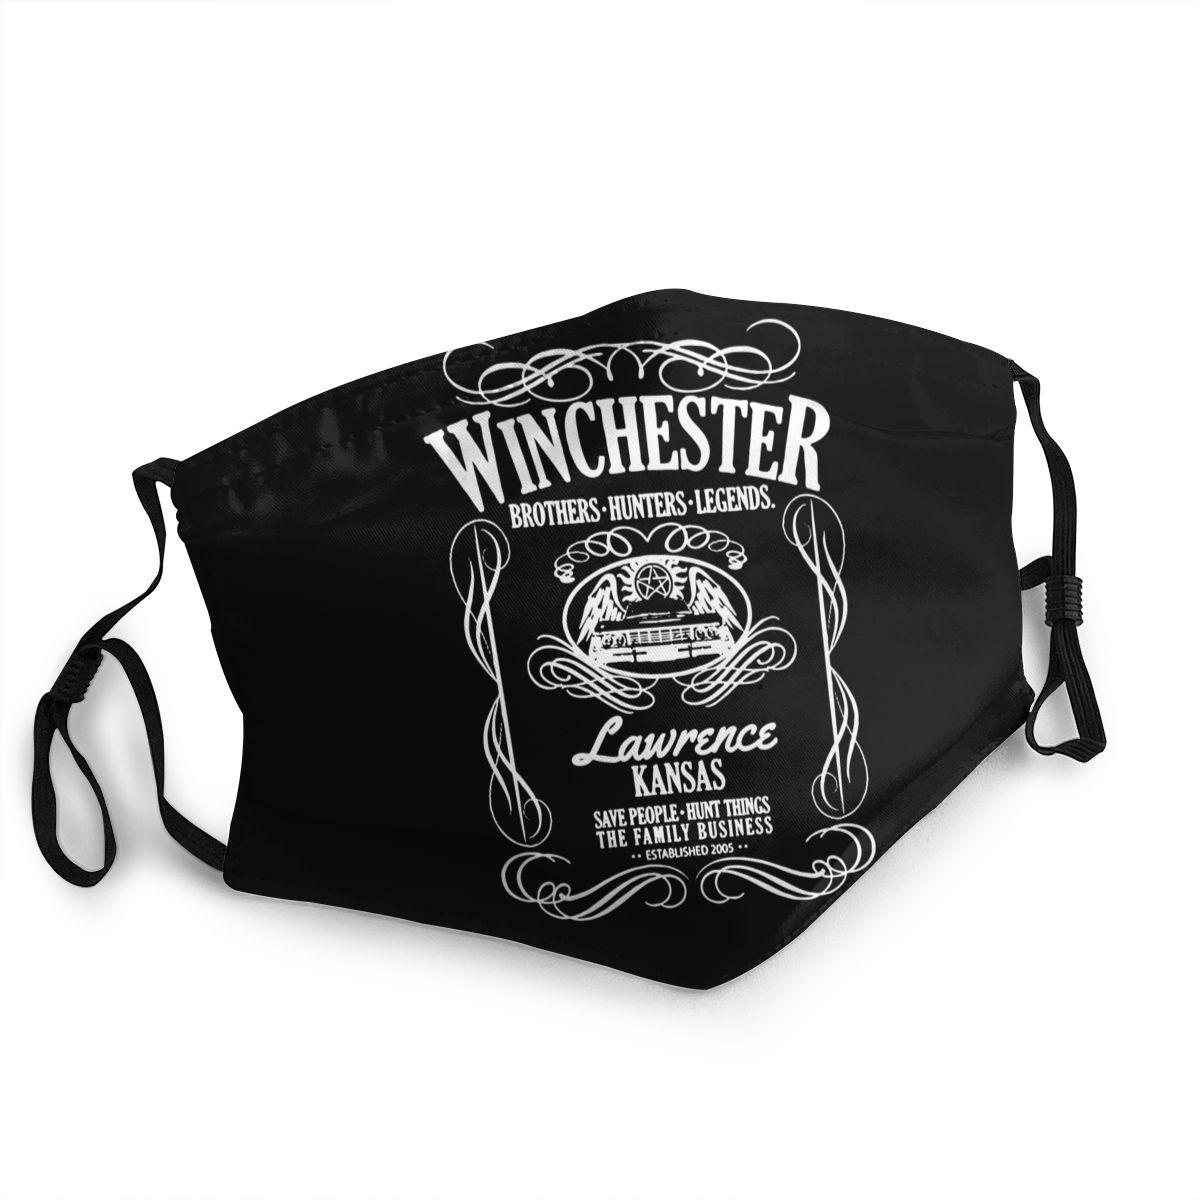 Winchester máscara de boca no desechable máscara Supernatural antipolvo máscara de protección mascarilla respirador mufla de la boca FDBRO-mascarilla deportiva para correr, entrenamiento Fitness, gimnasio, elevación de bicicleta, entrenamiento de altura alta, acondicionamiento físico, máscaras deportivas 3,0